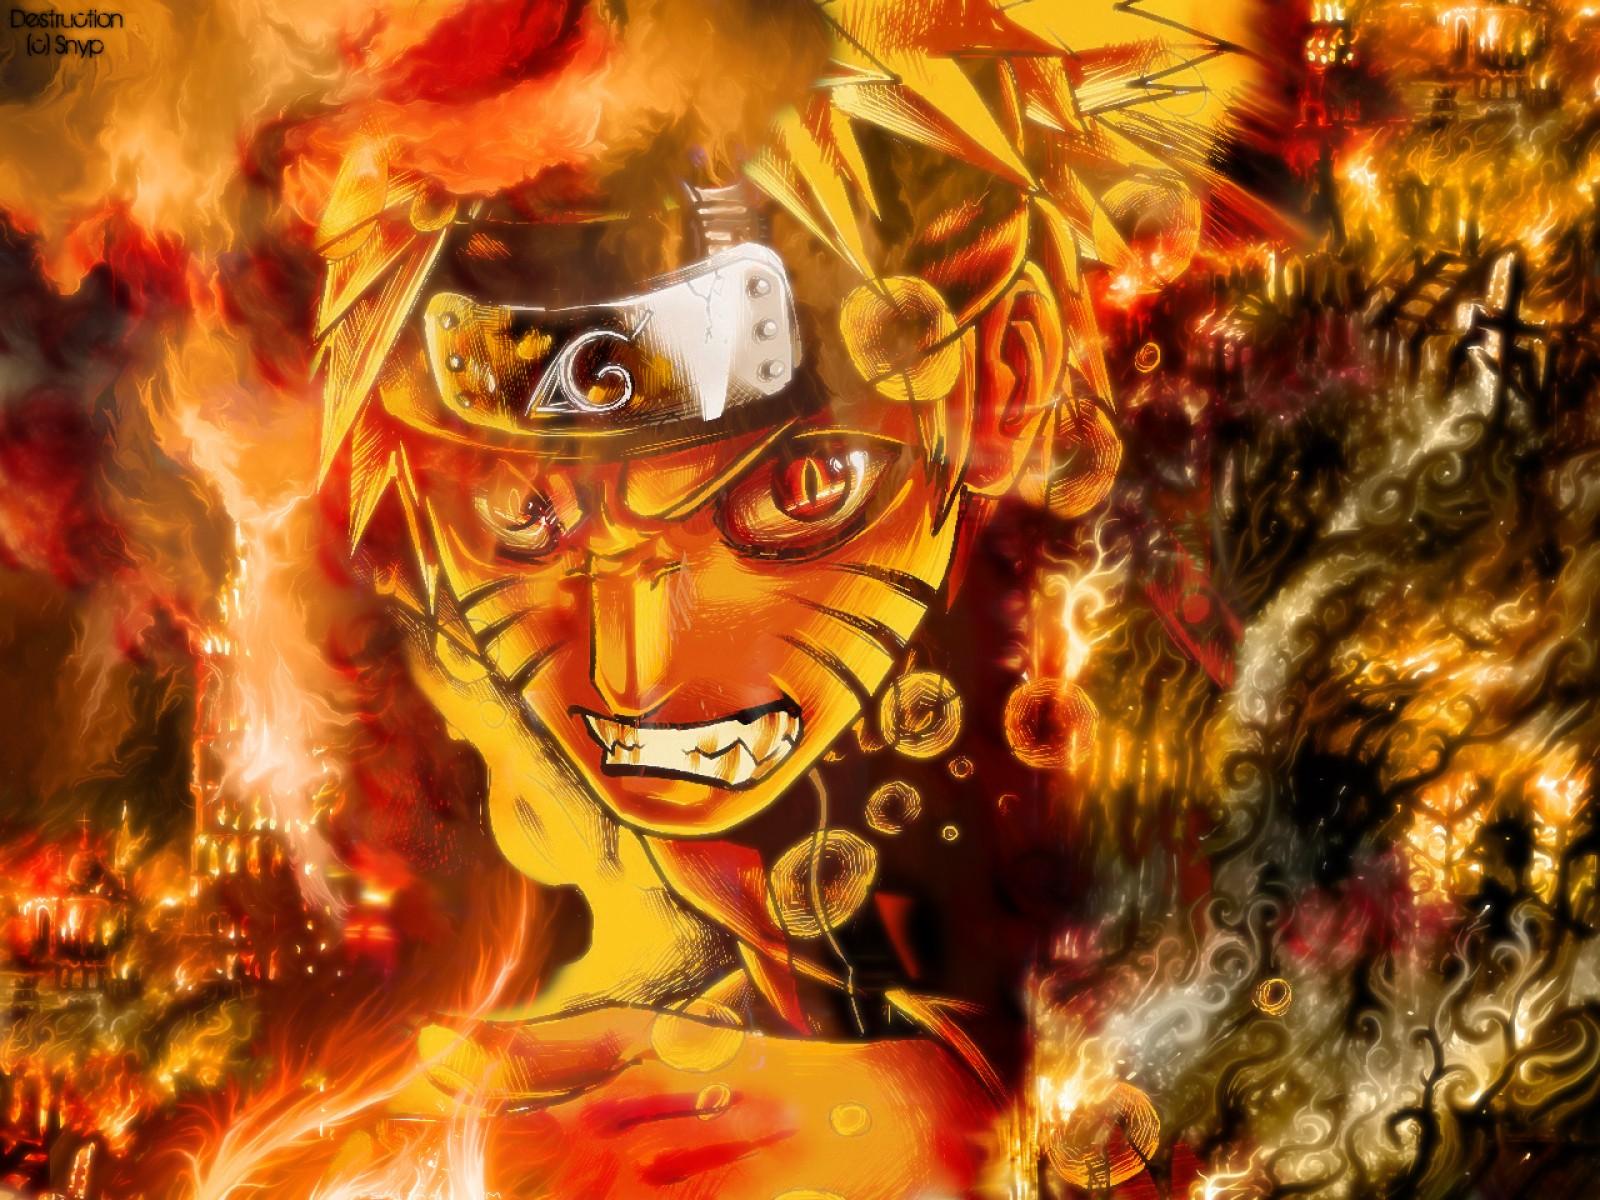 Naruto Shippuden   Naruto Kyubi HD Wallpaper Animation Wallpapers 1600x1200